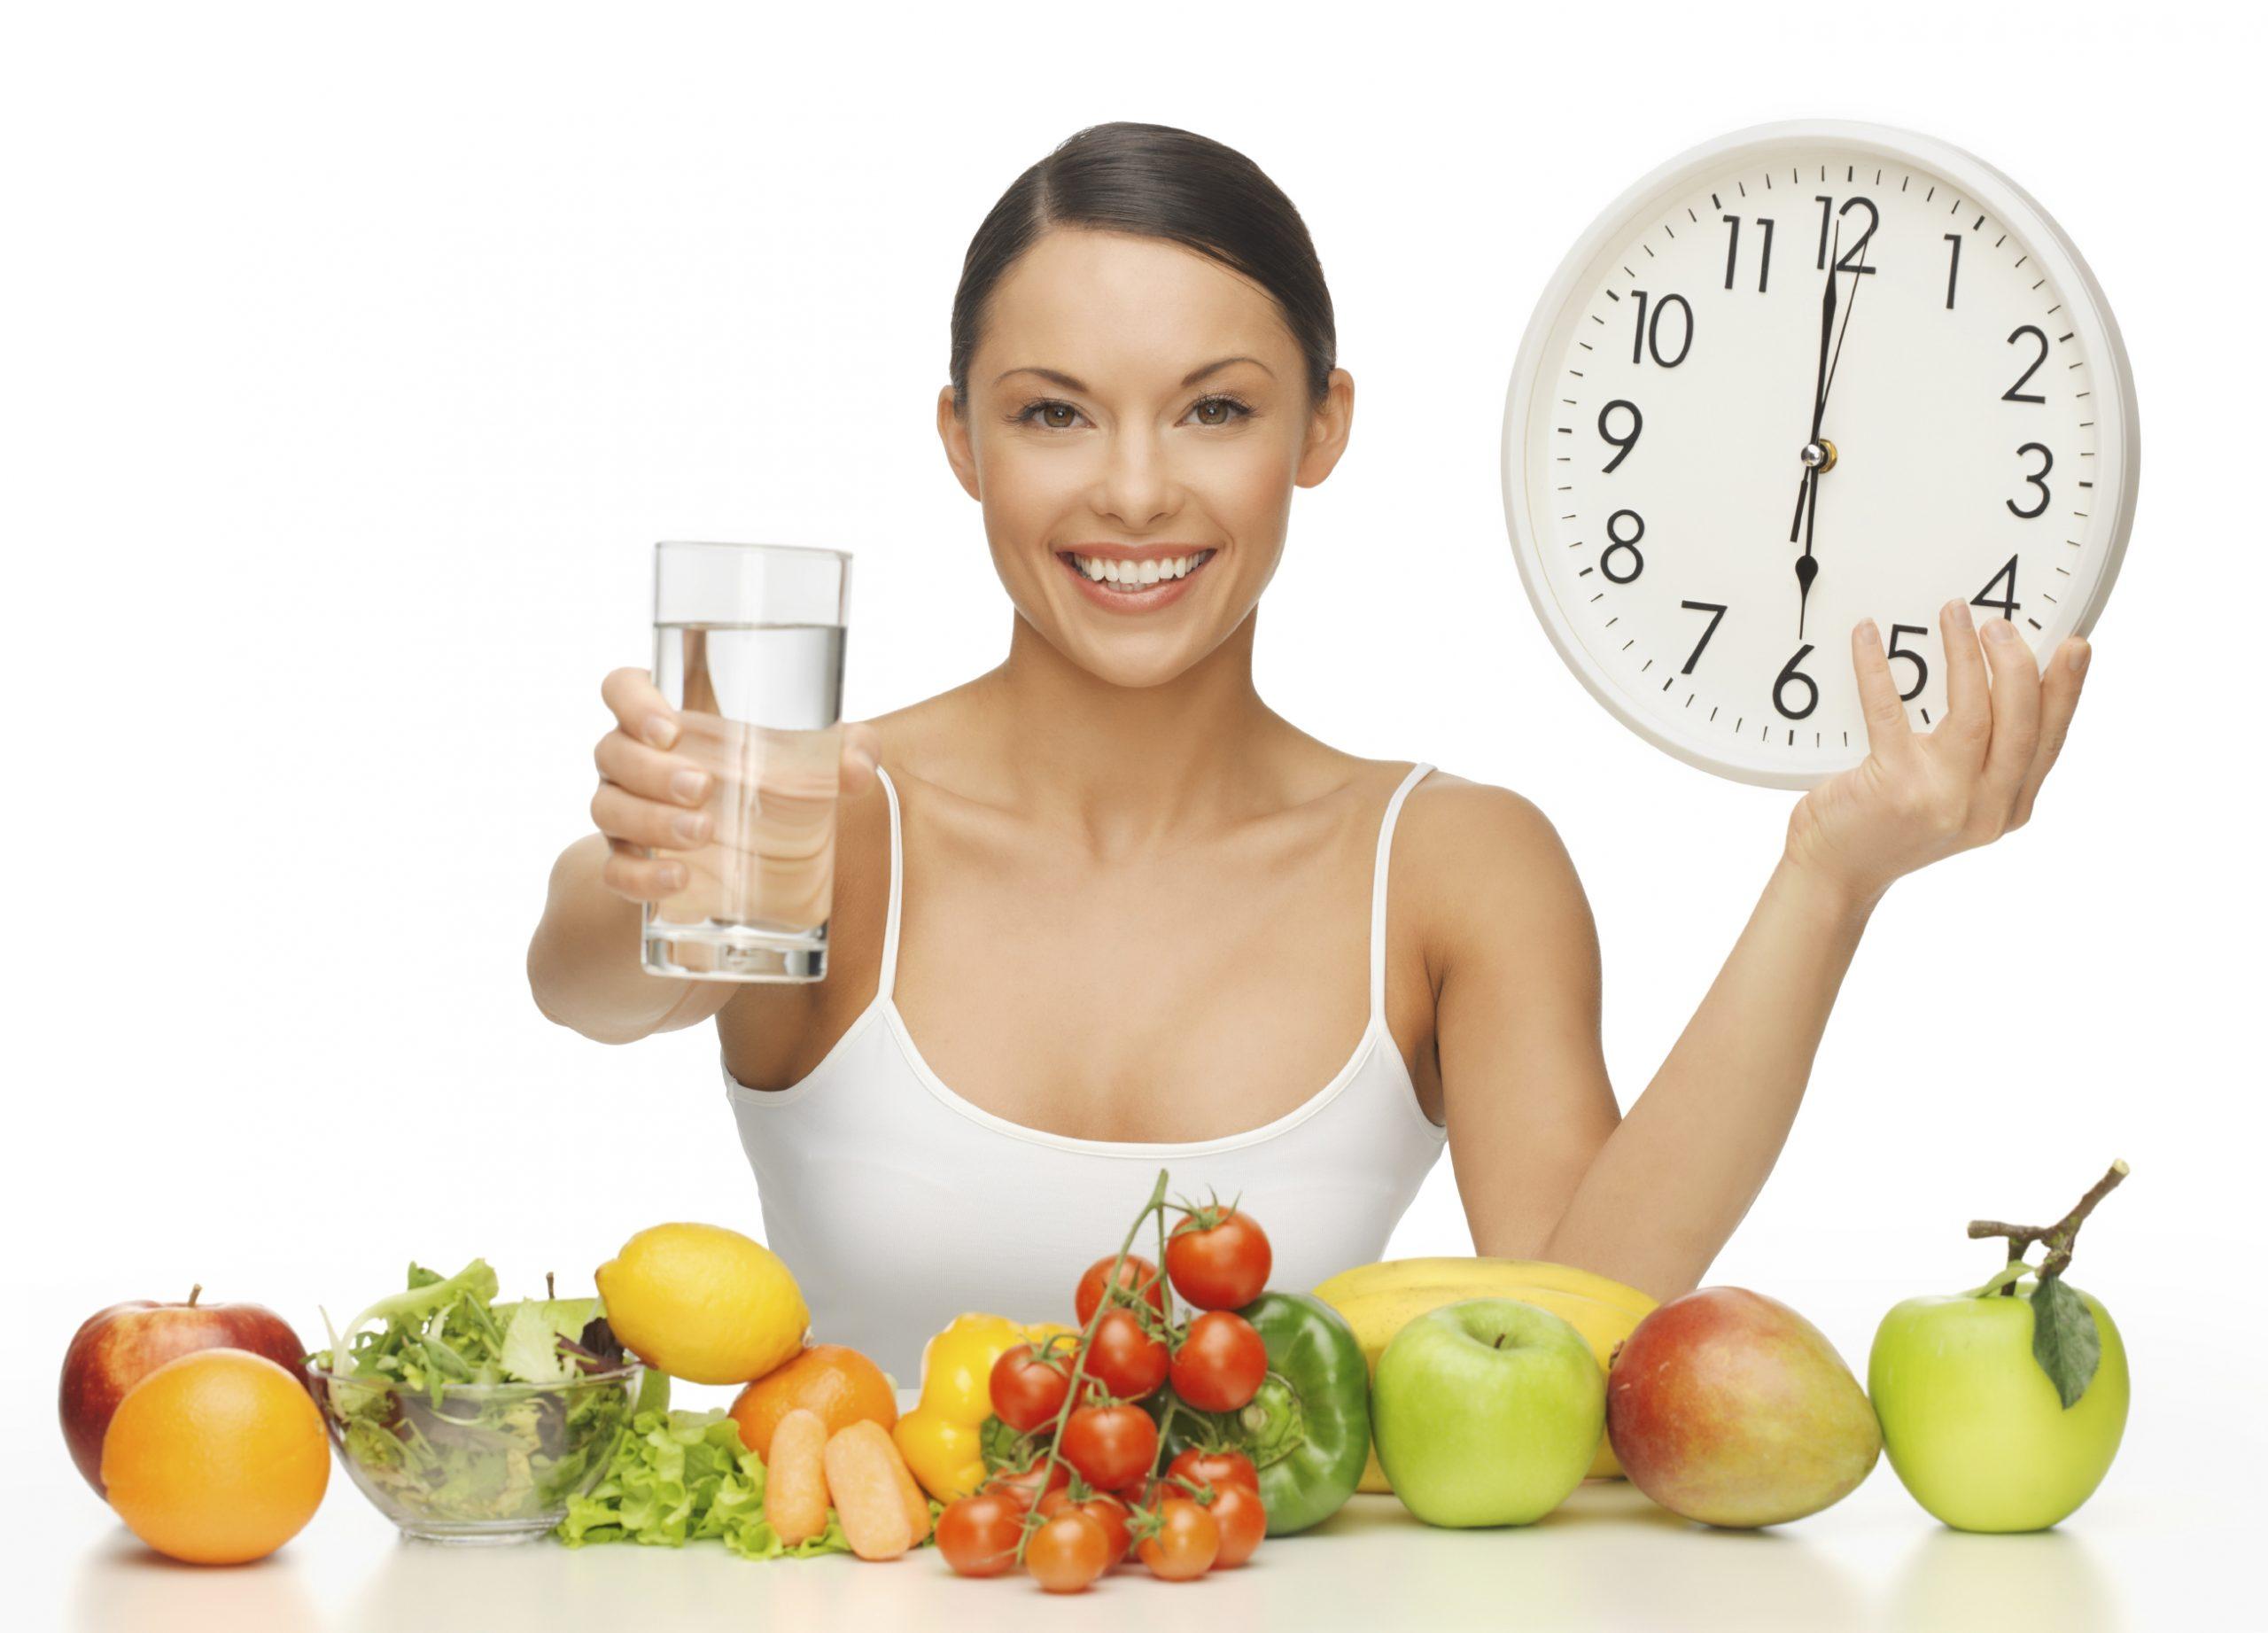 Chú ý chế độ dinh dưỡng trong quá trình tập luyện